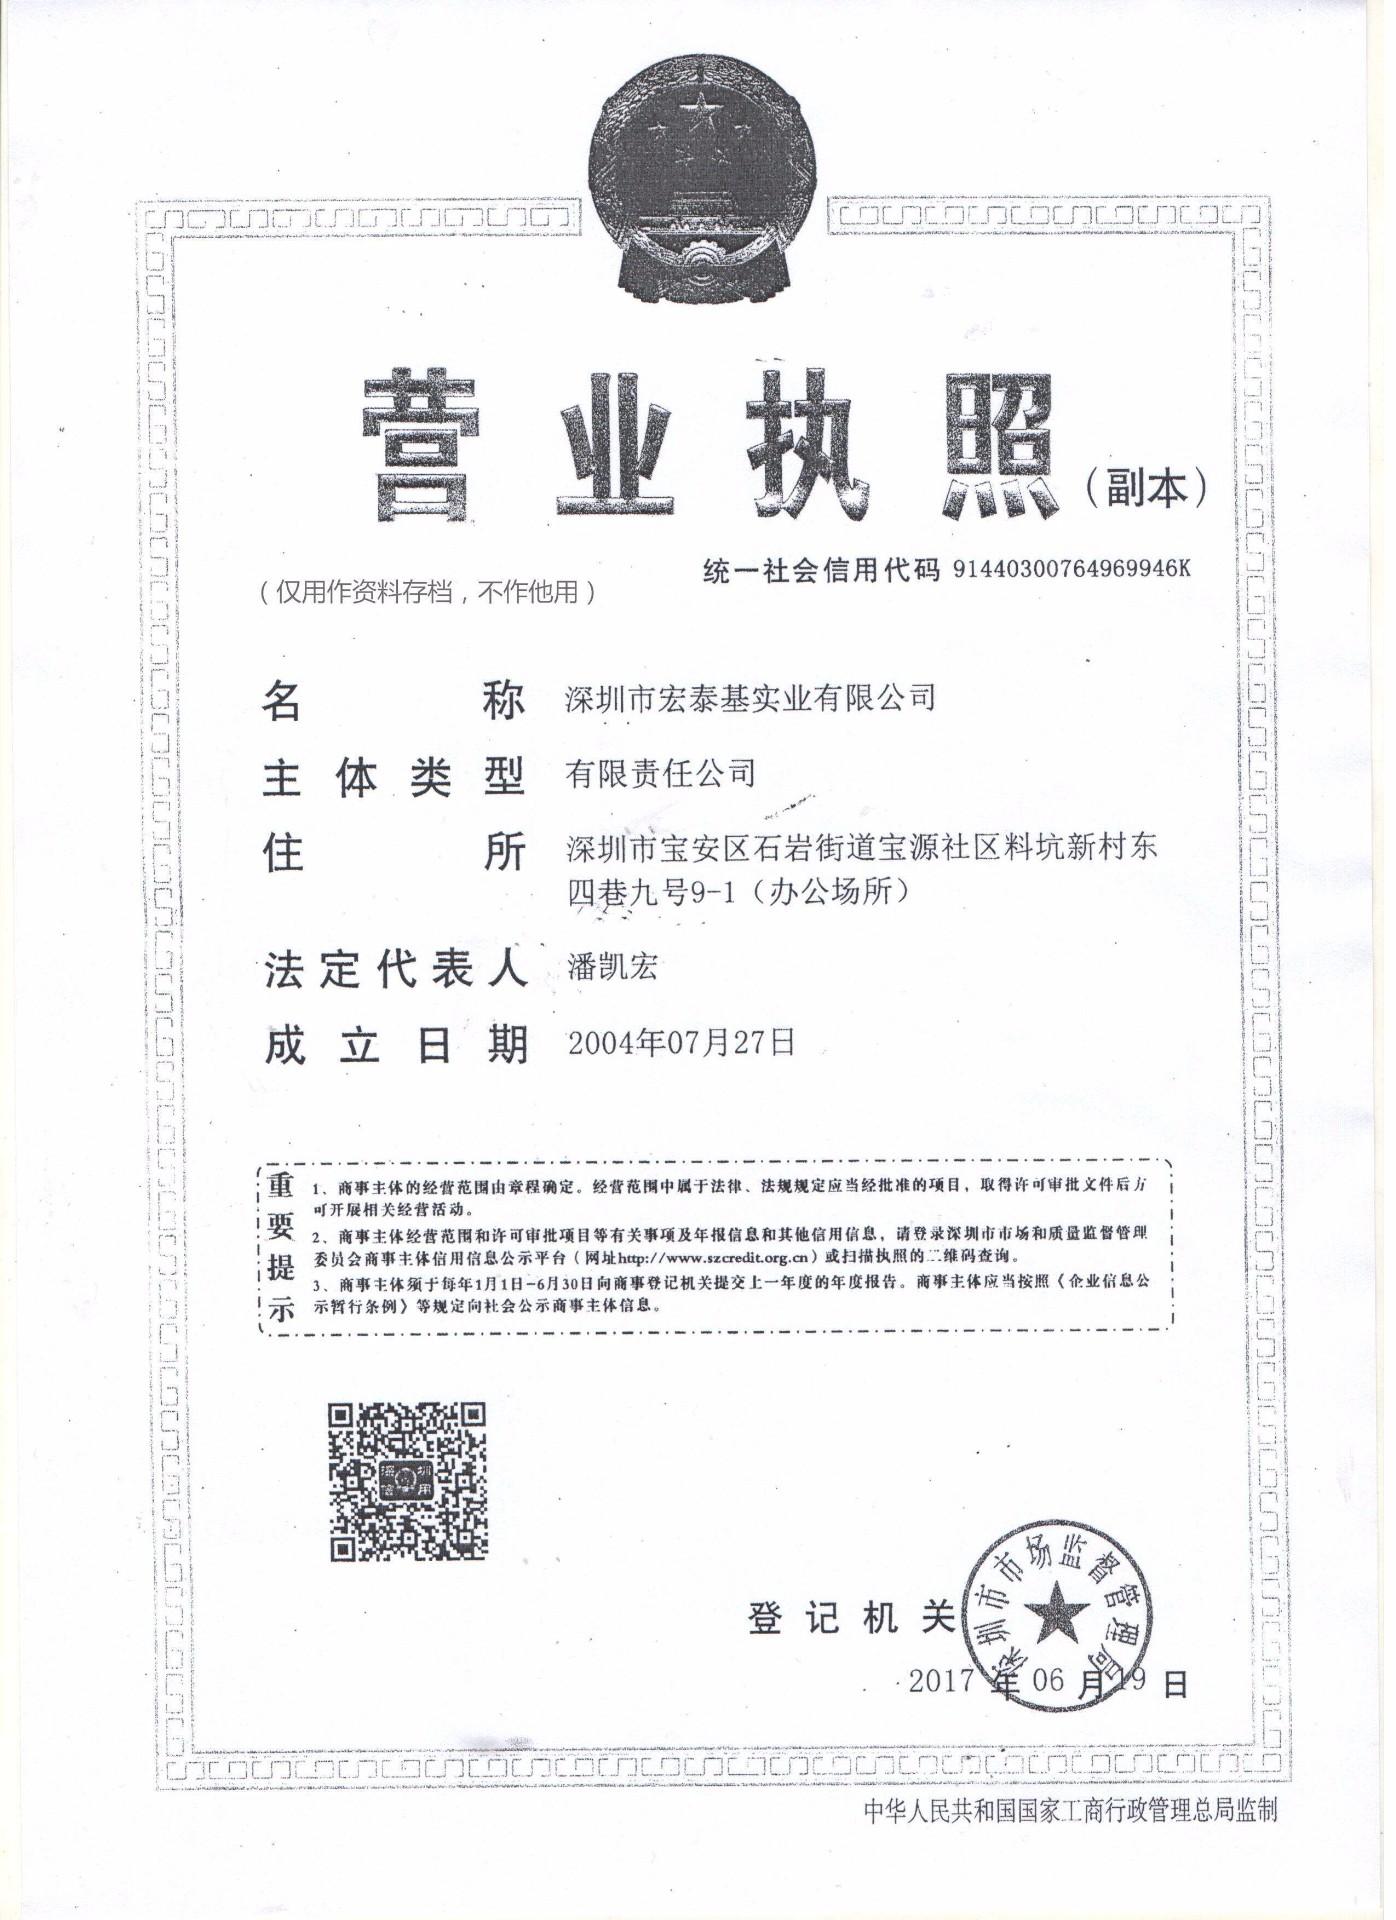 深圳市宏泰基实业有限公司